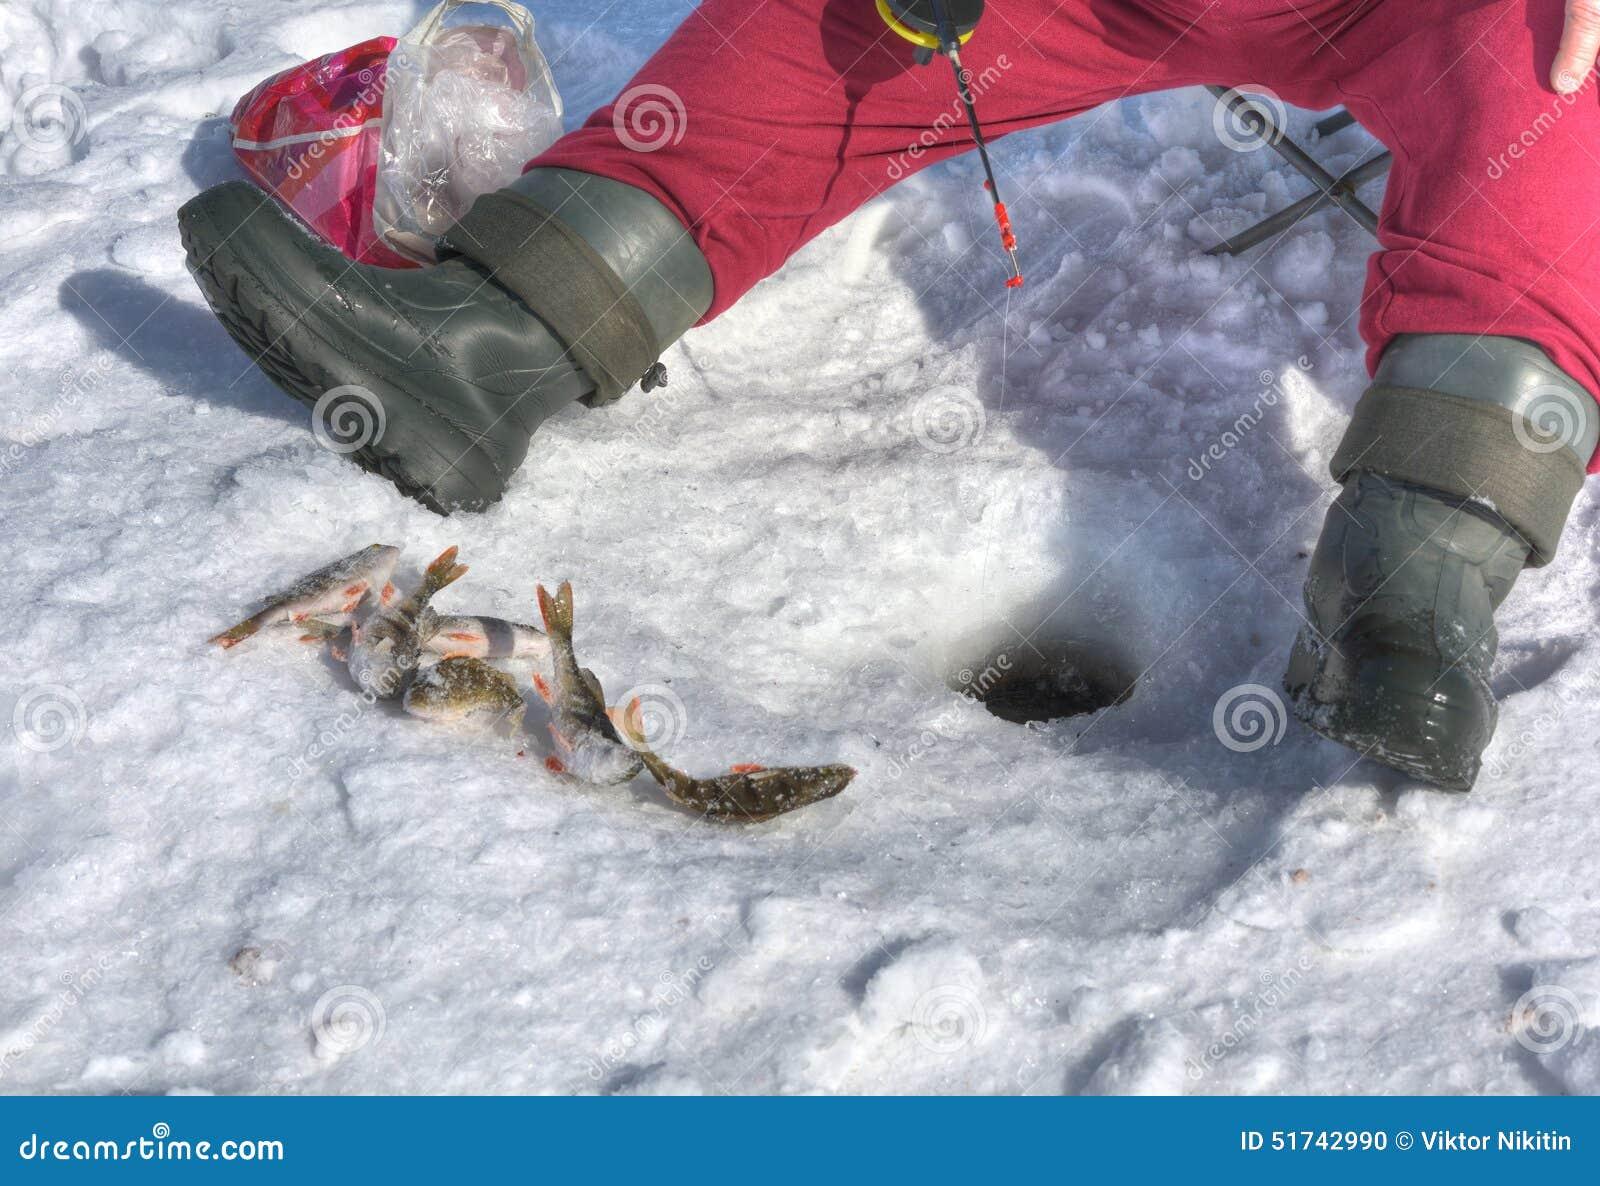 Les bottes eva pour la chasse et la pêche les photos dhiver